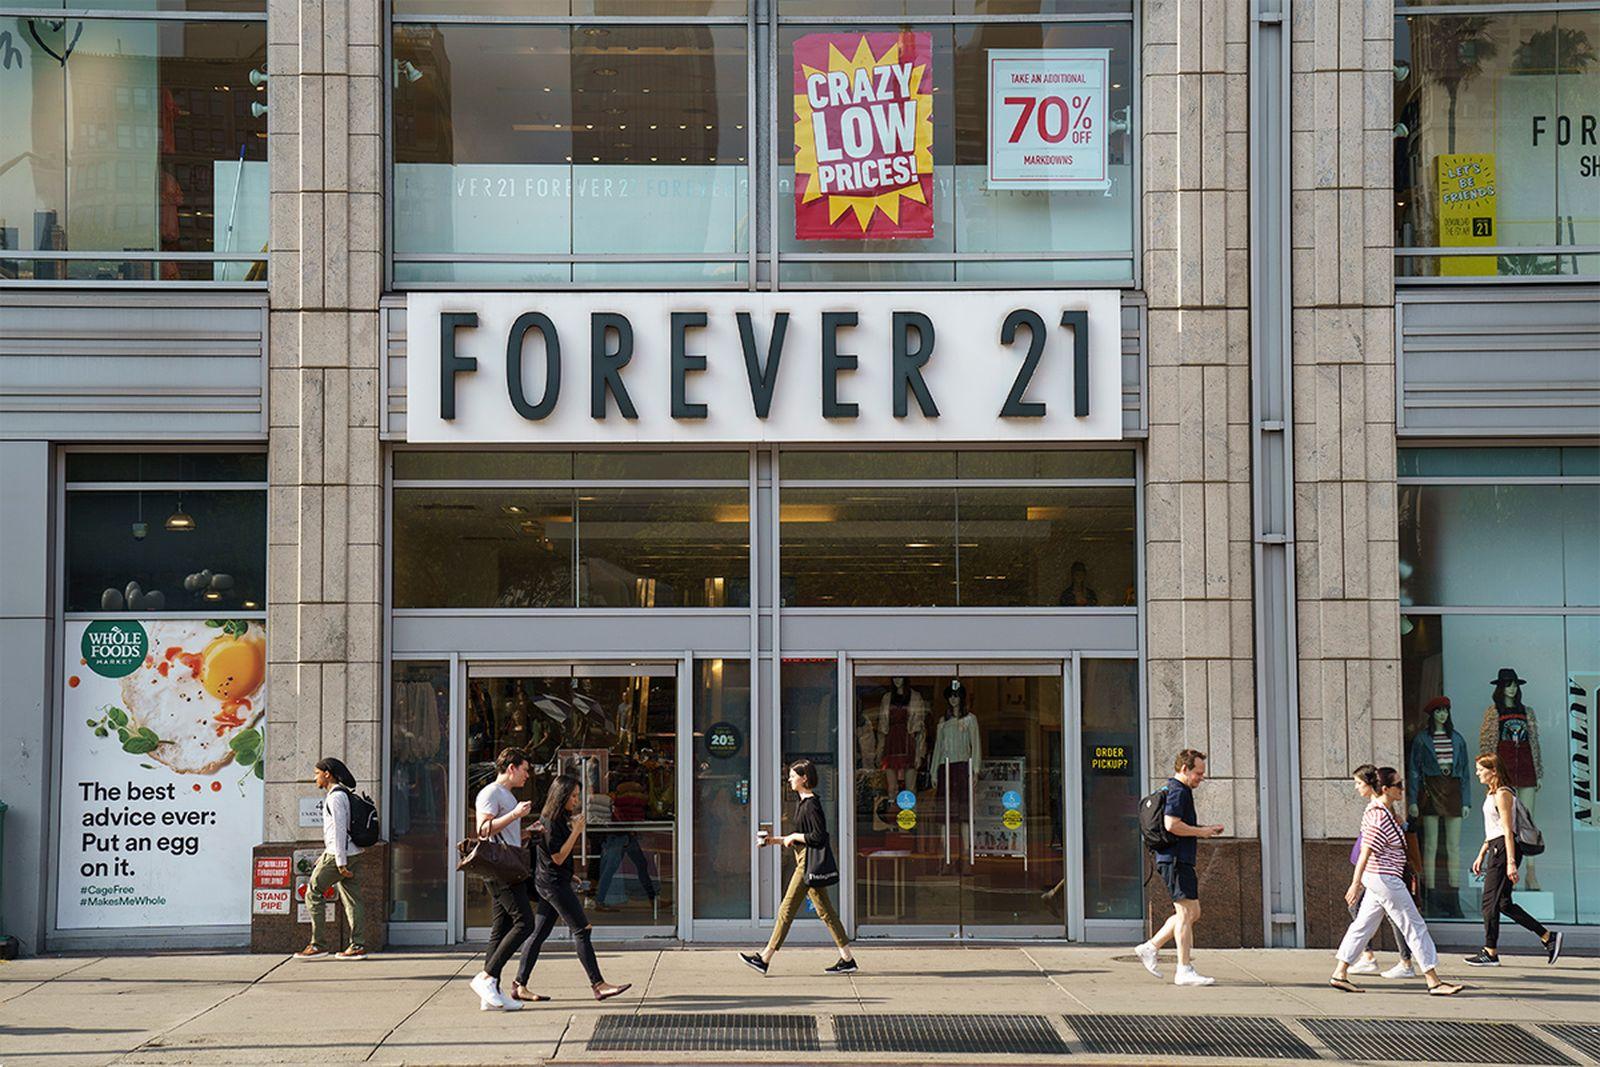 Forever 21 bankruptcy storefront